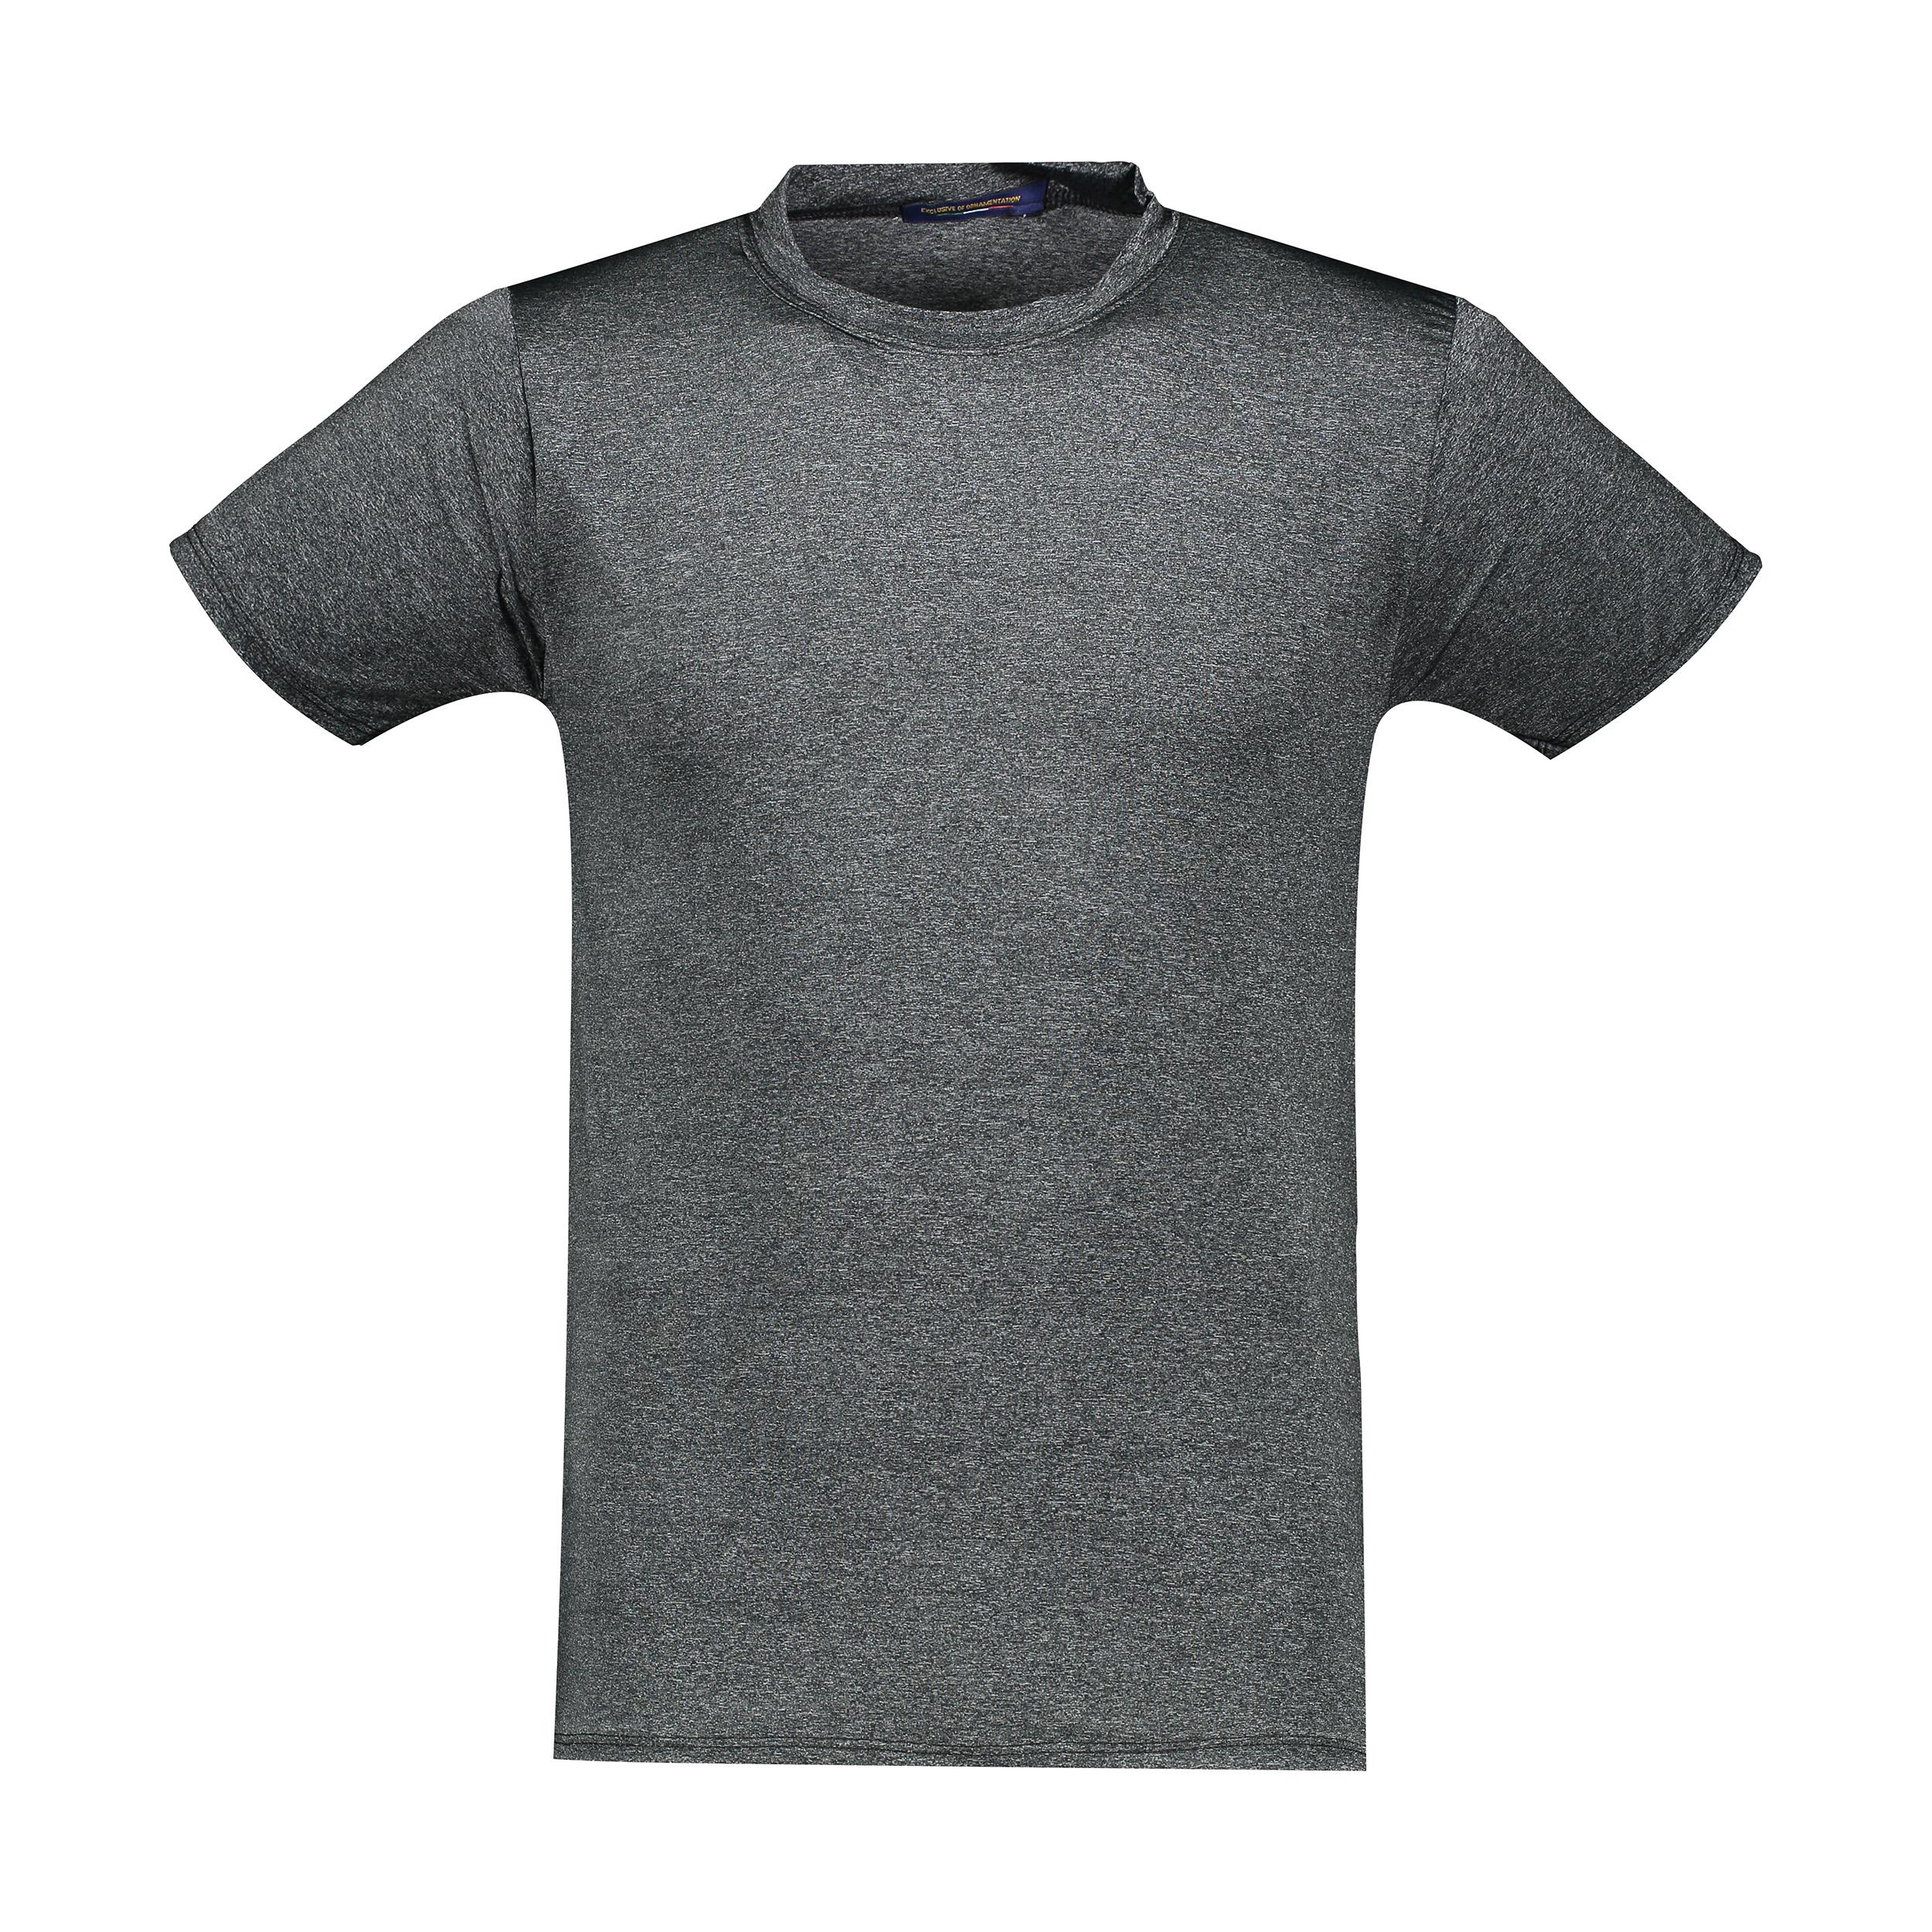 تی شرت مردانه مدل t.baz.121 کد 59